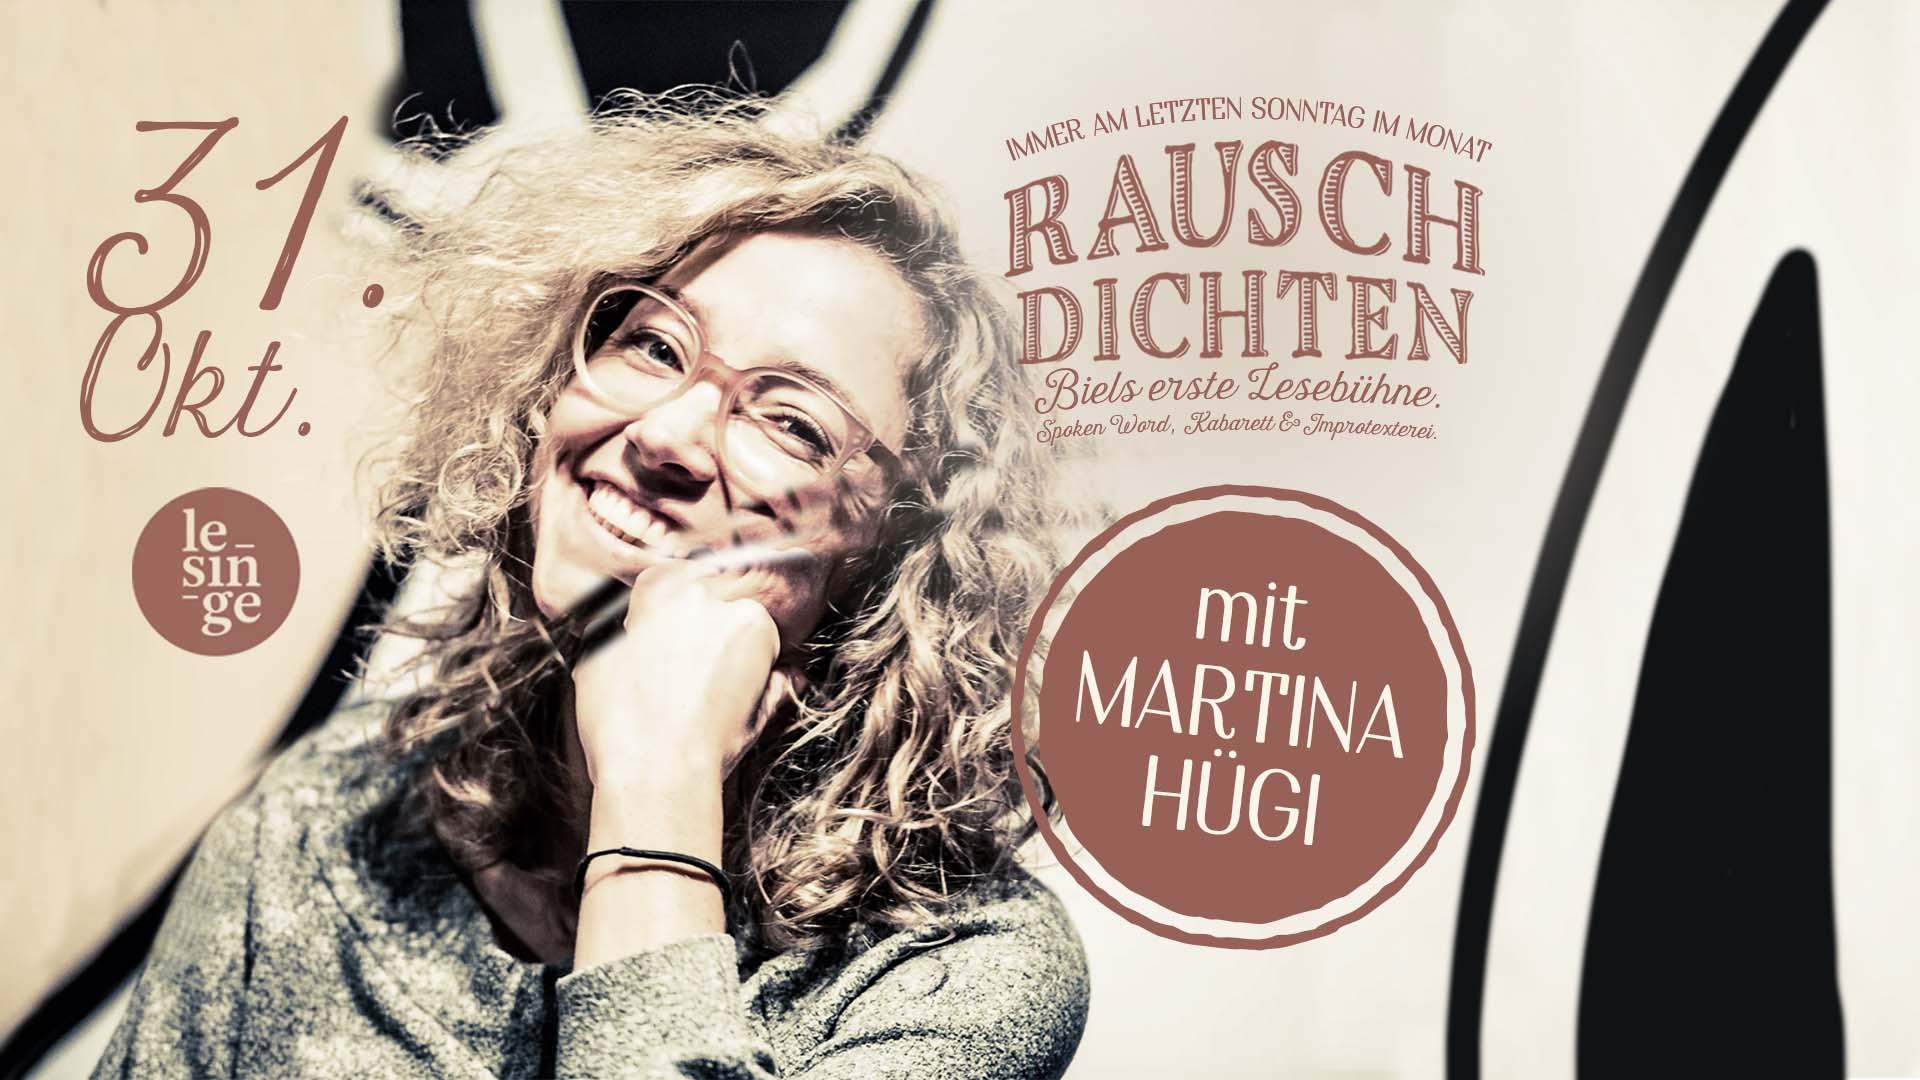 Rauschdichten mit Martina Hügi